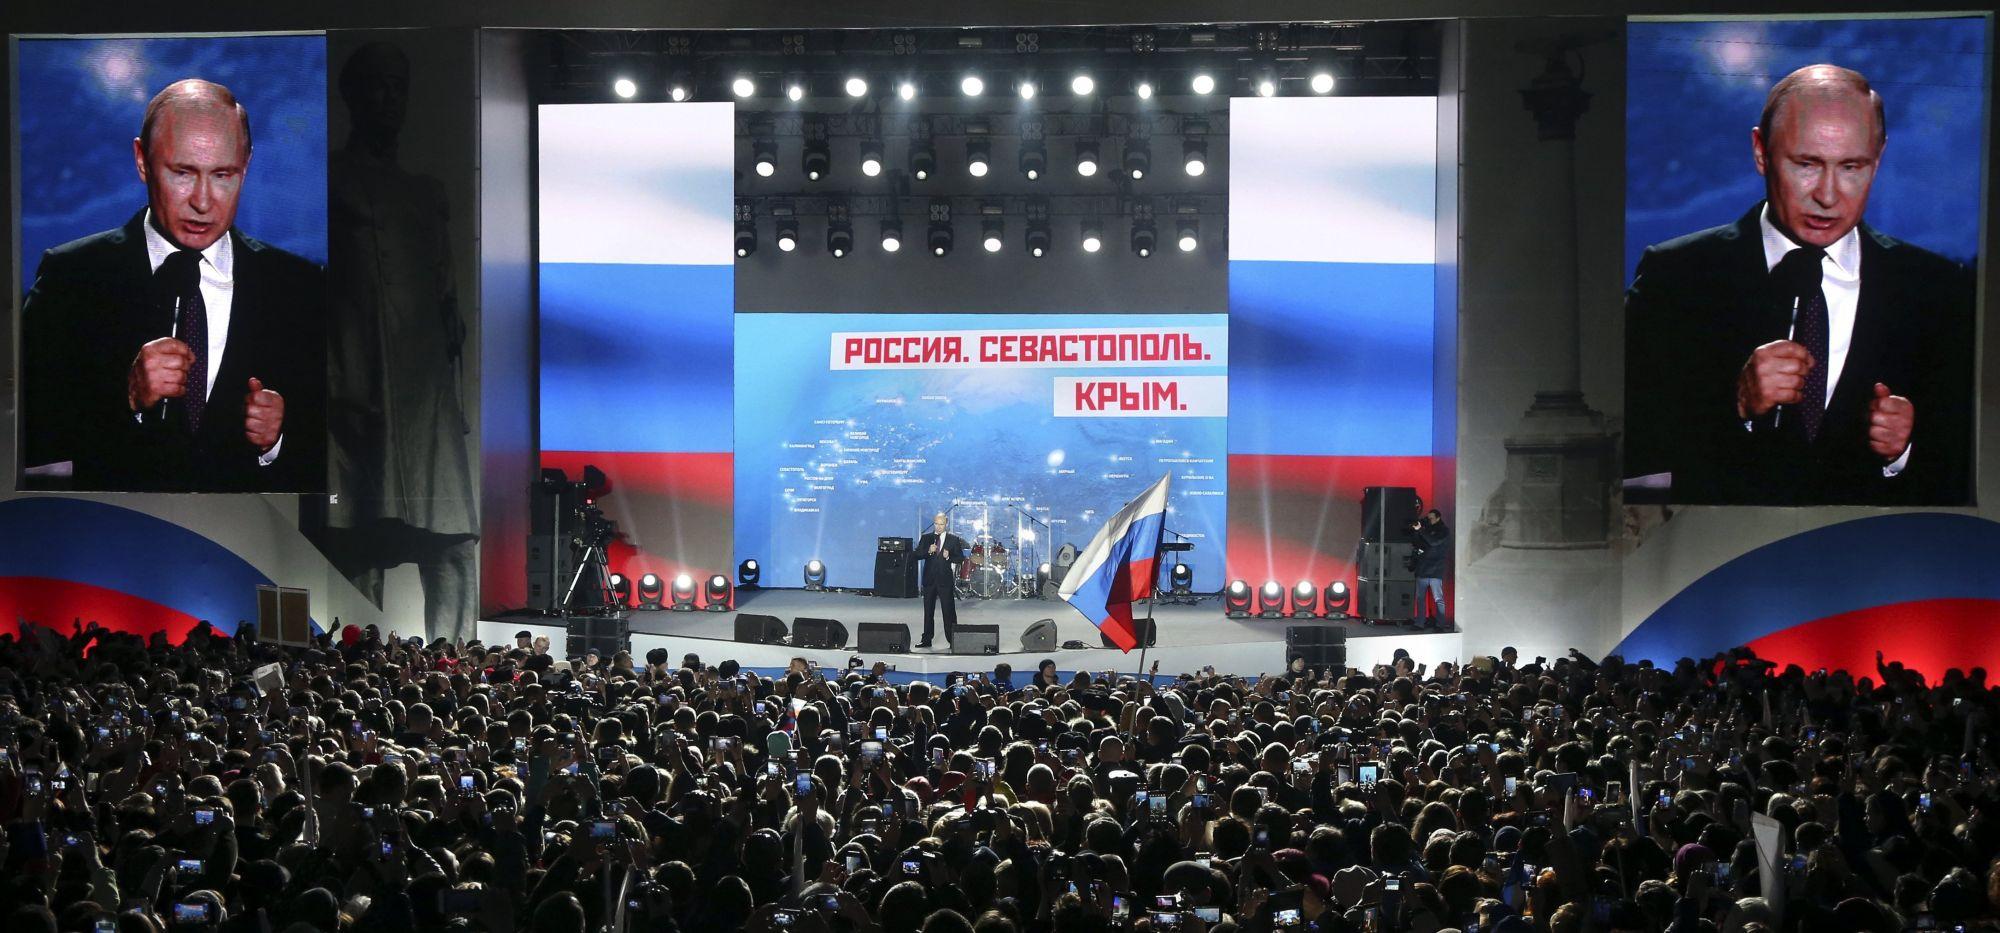 Vlagyimir Putyin orosz államfő választási kampánybeszédet tart a Krím-félsziget Oroszországhoz való csatolásának évfordulója alkalmából tartott koncertek egyike előtt Szevasztopolban 2018. március 14-én. Az oroszországi elnökválasztást március 18-án, a Krím Ukrajnától való elcsatolásának negyedik évfordulóján tartják. (MTI/EPA/Szergej Csirikov)